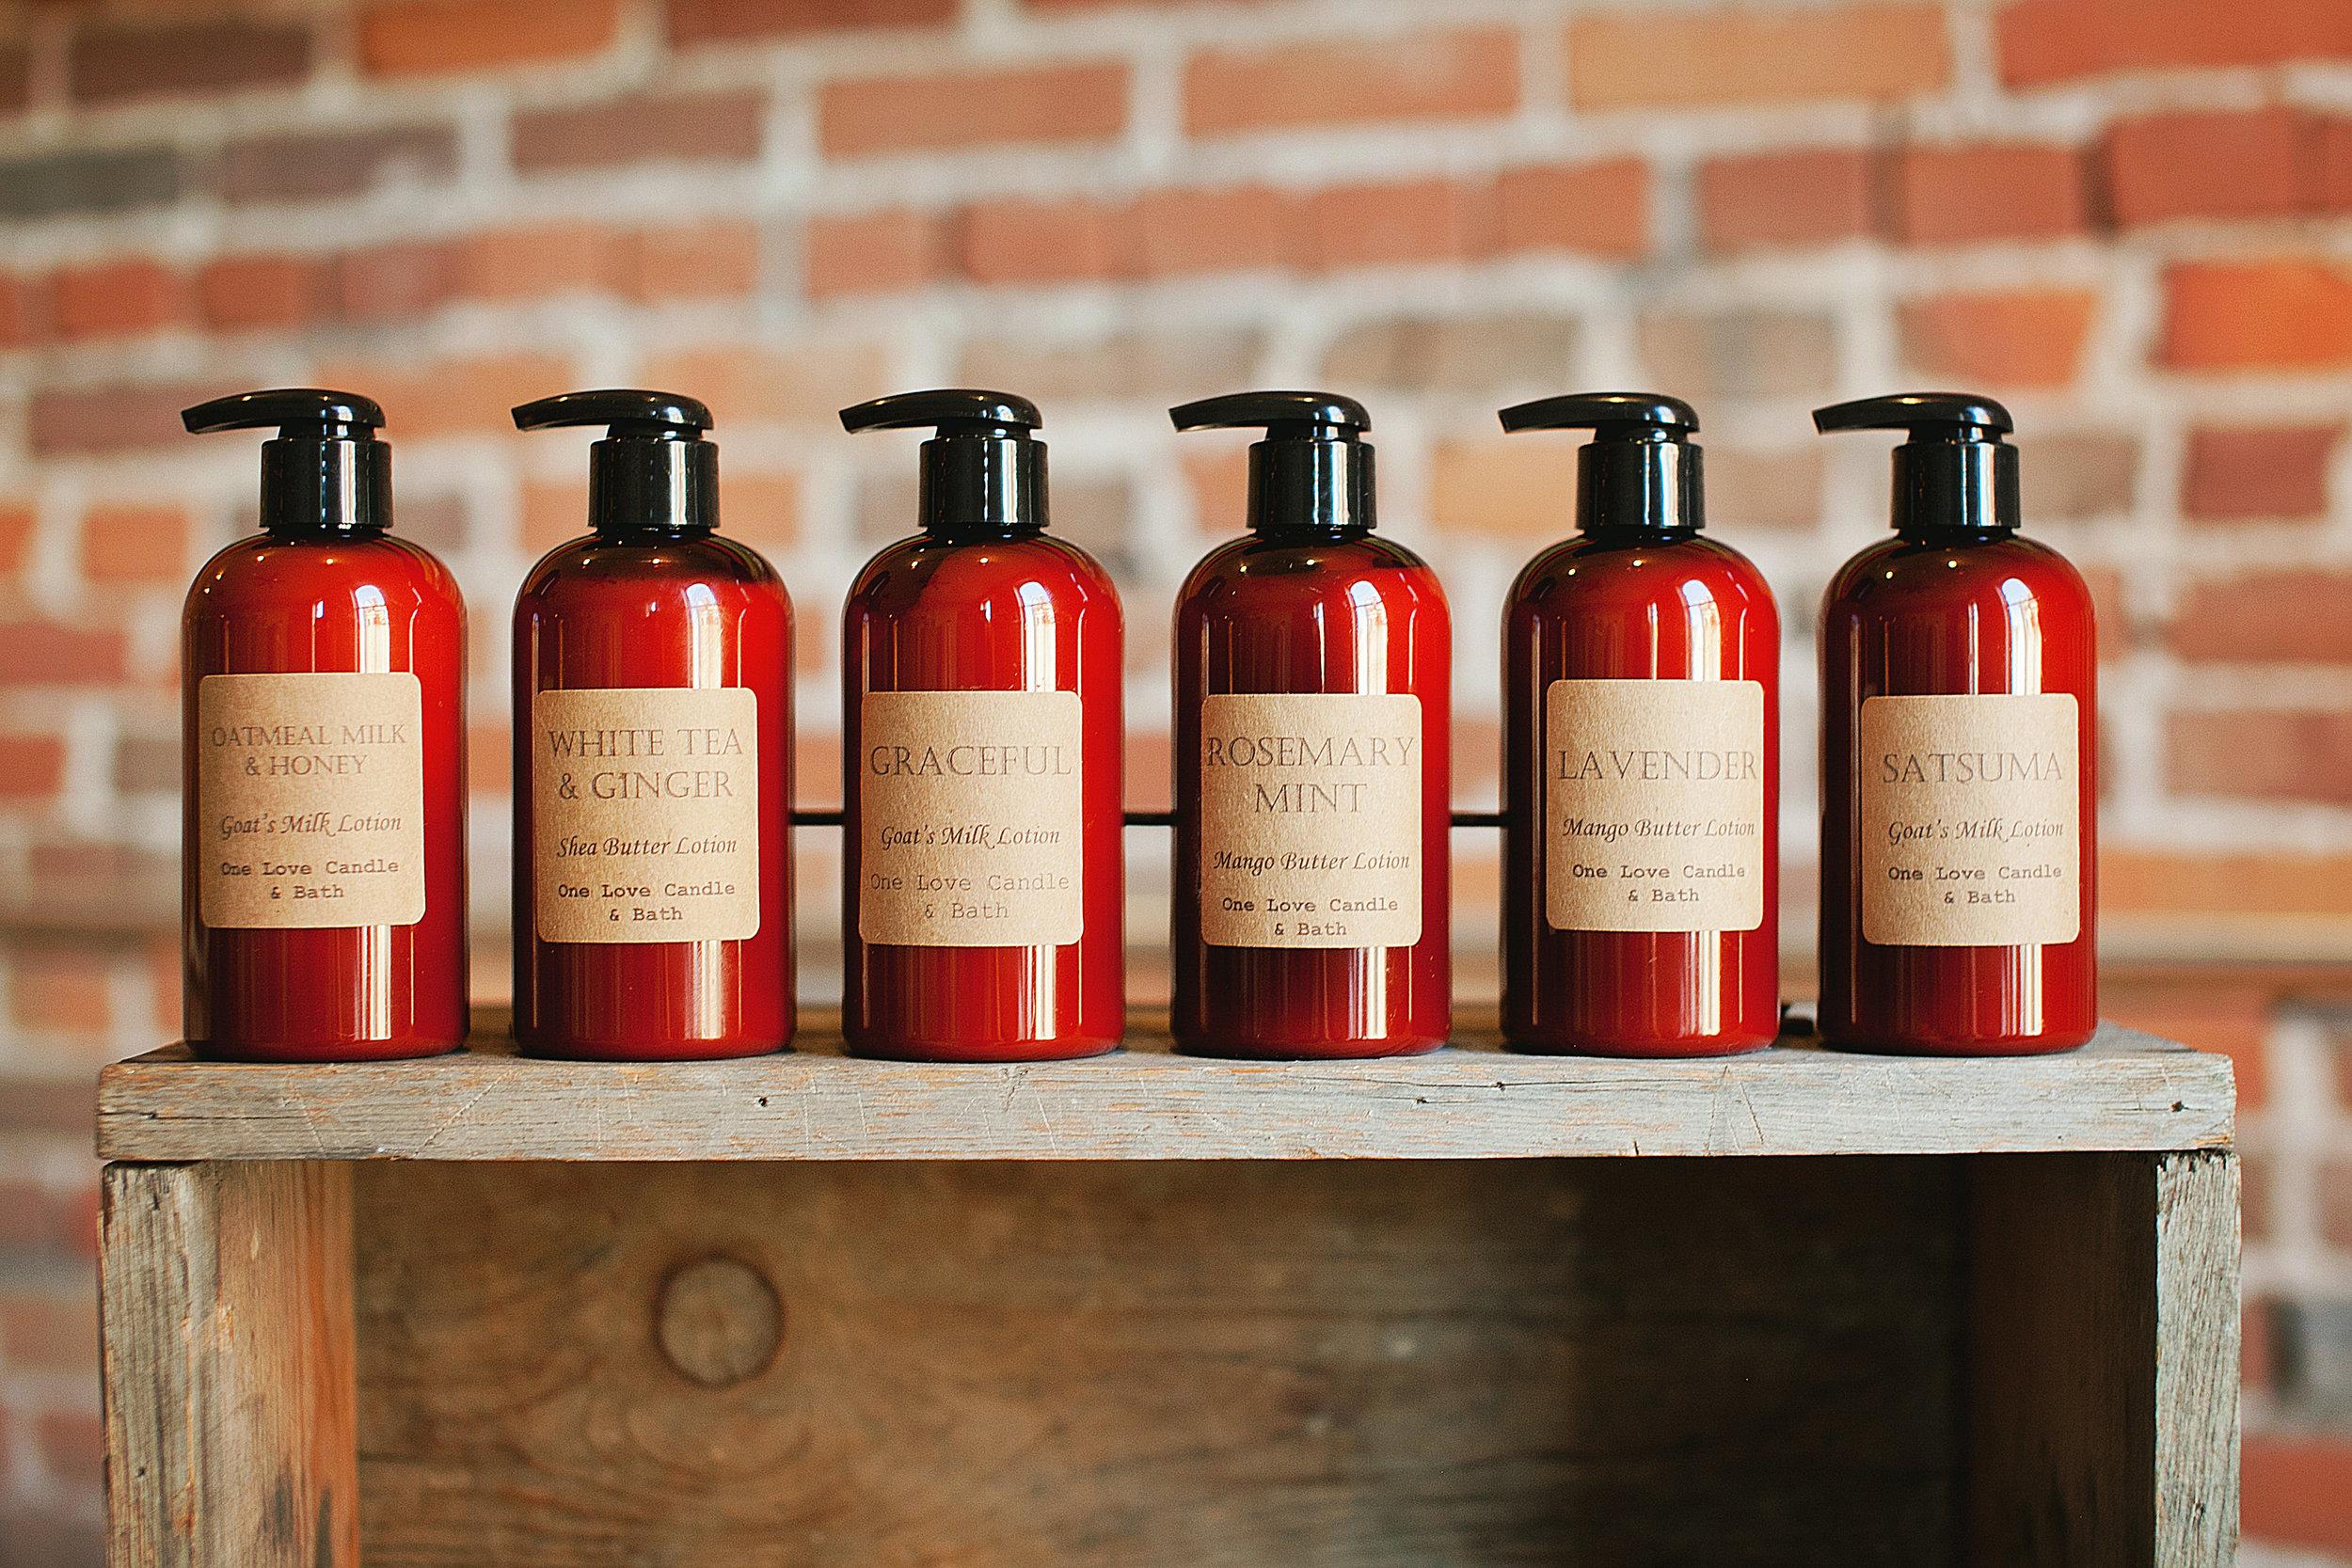 One Love Candle Bath-Product Photos-0095.jpg